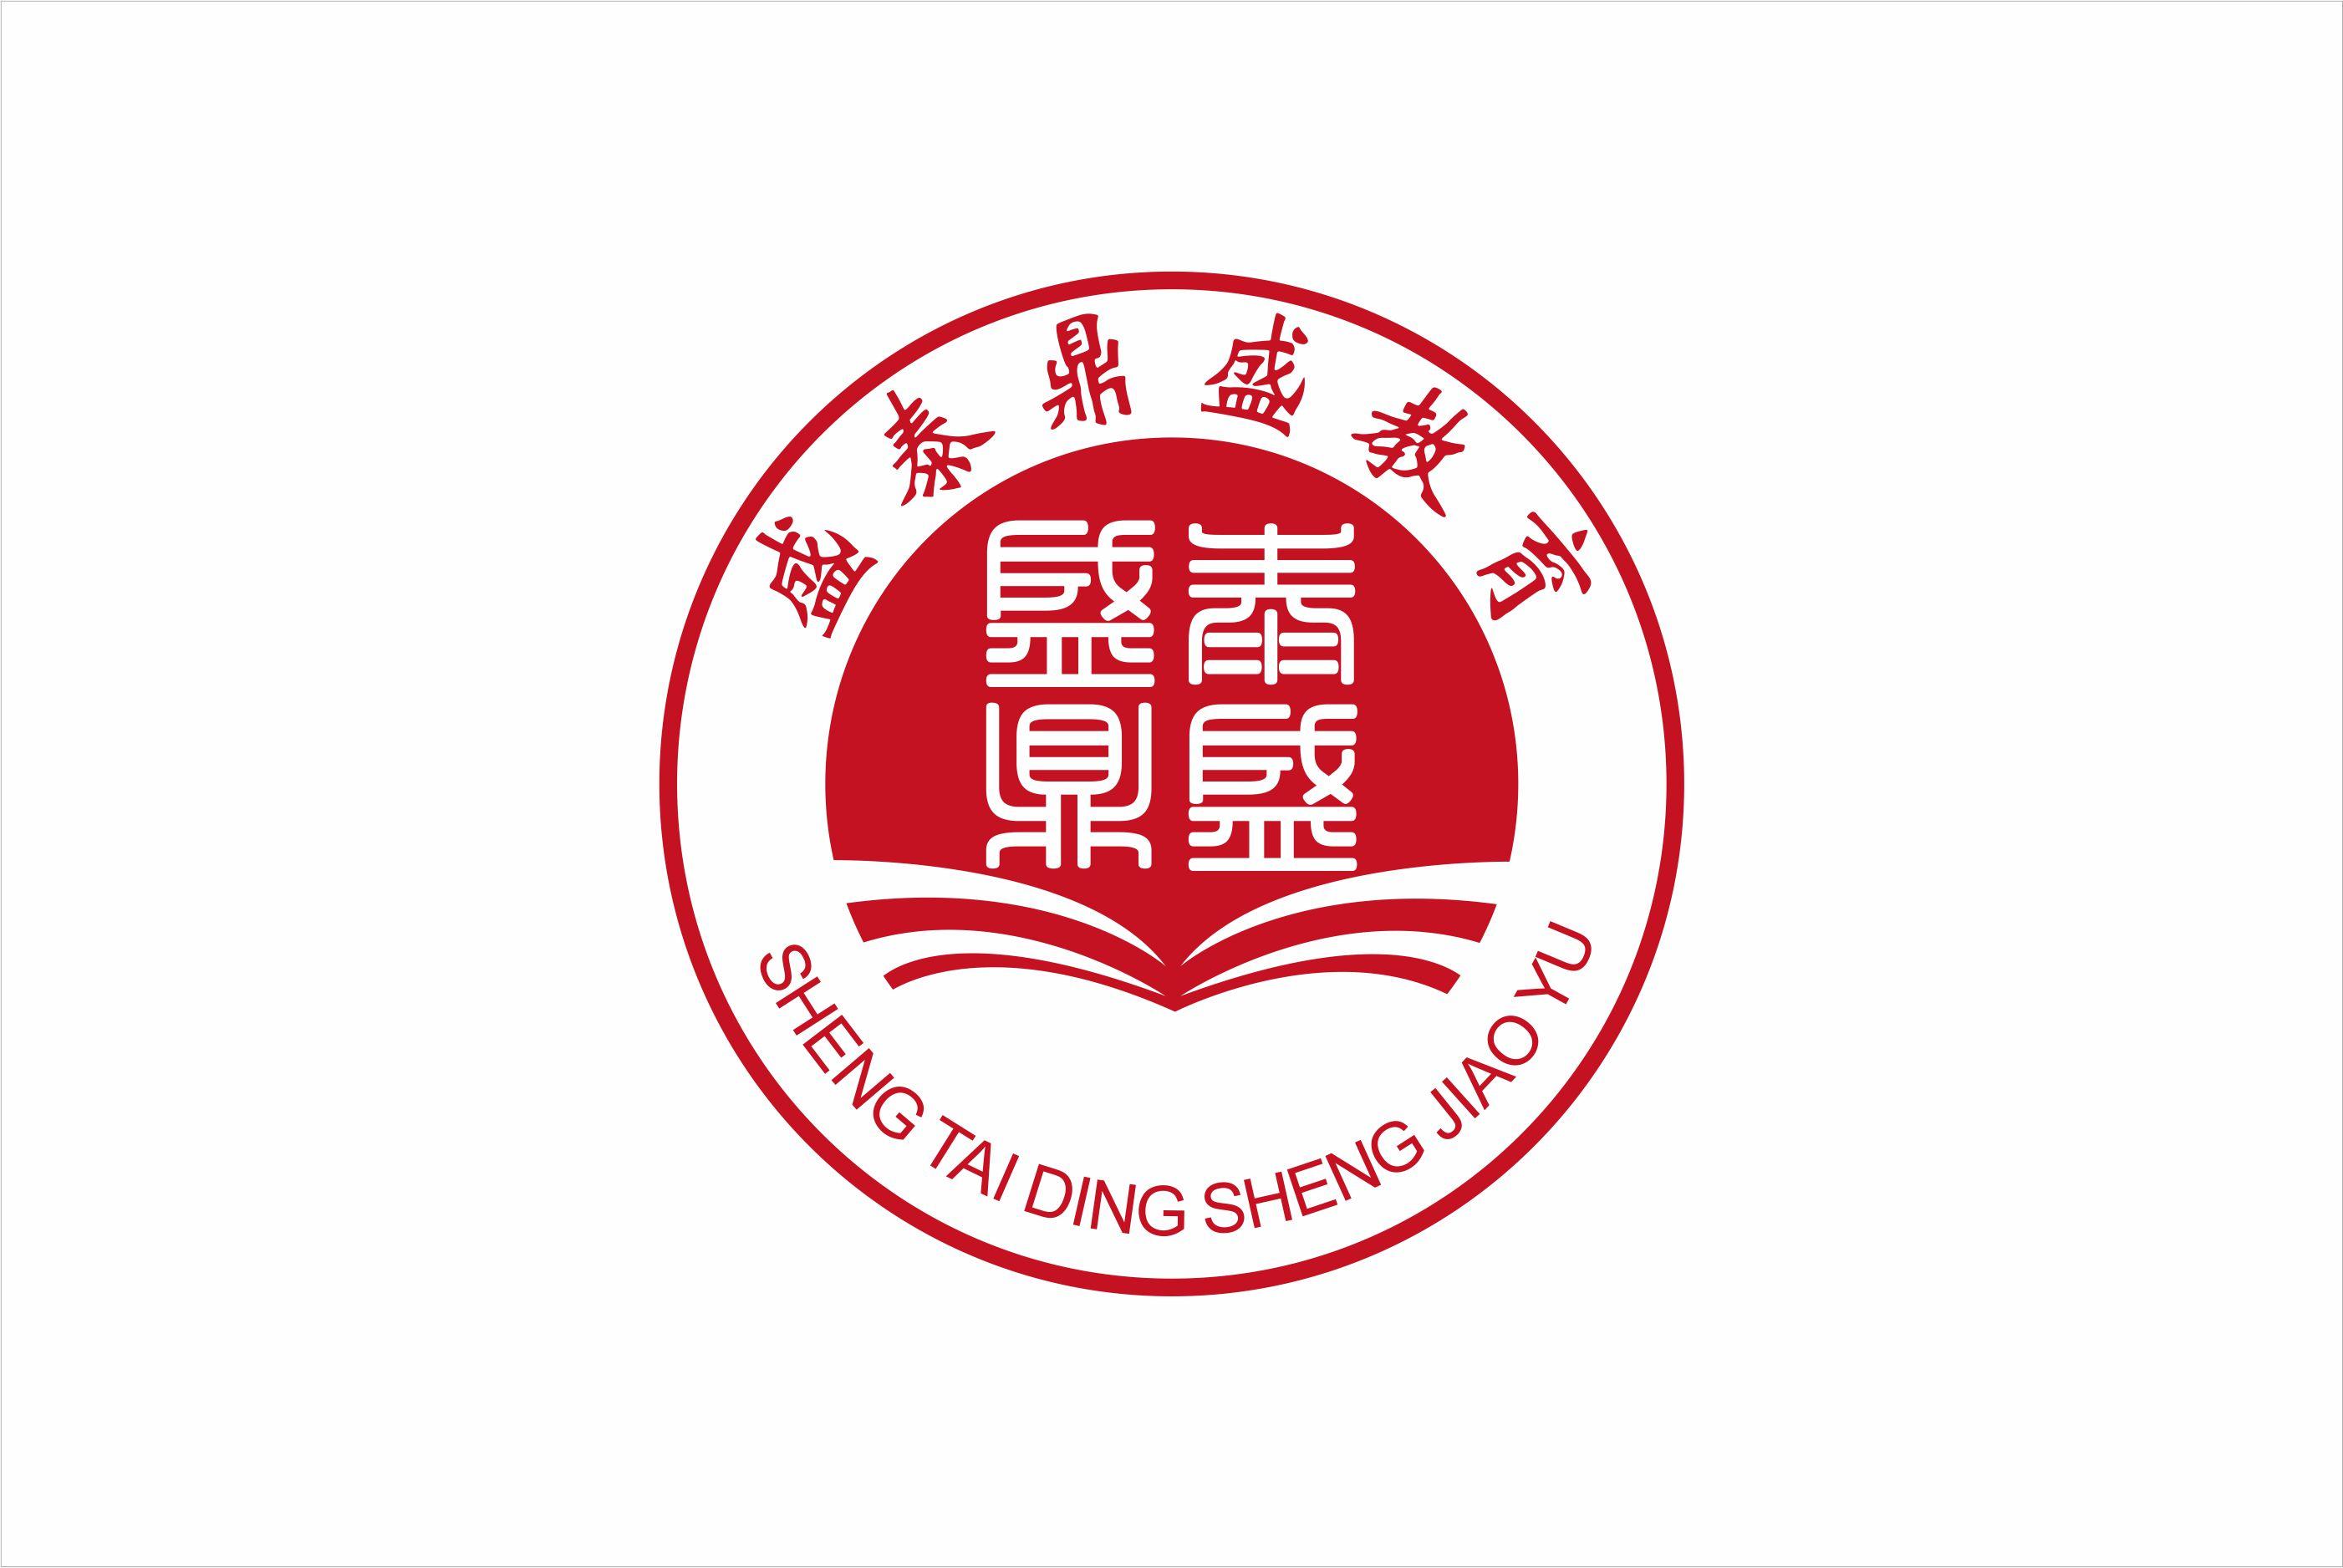 保定网教报名自考大专本科学历提升stds.com.cn